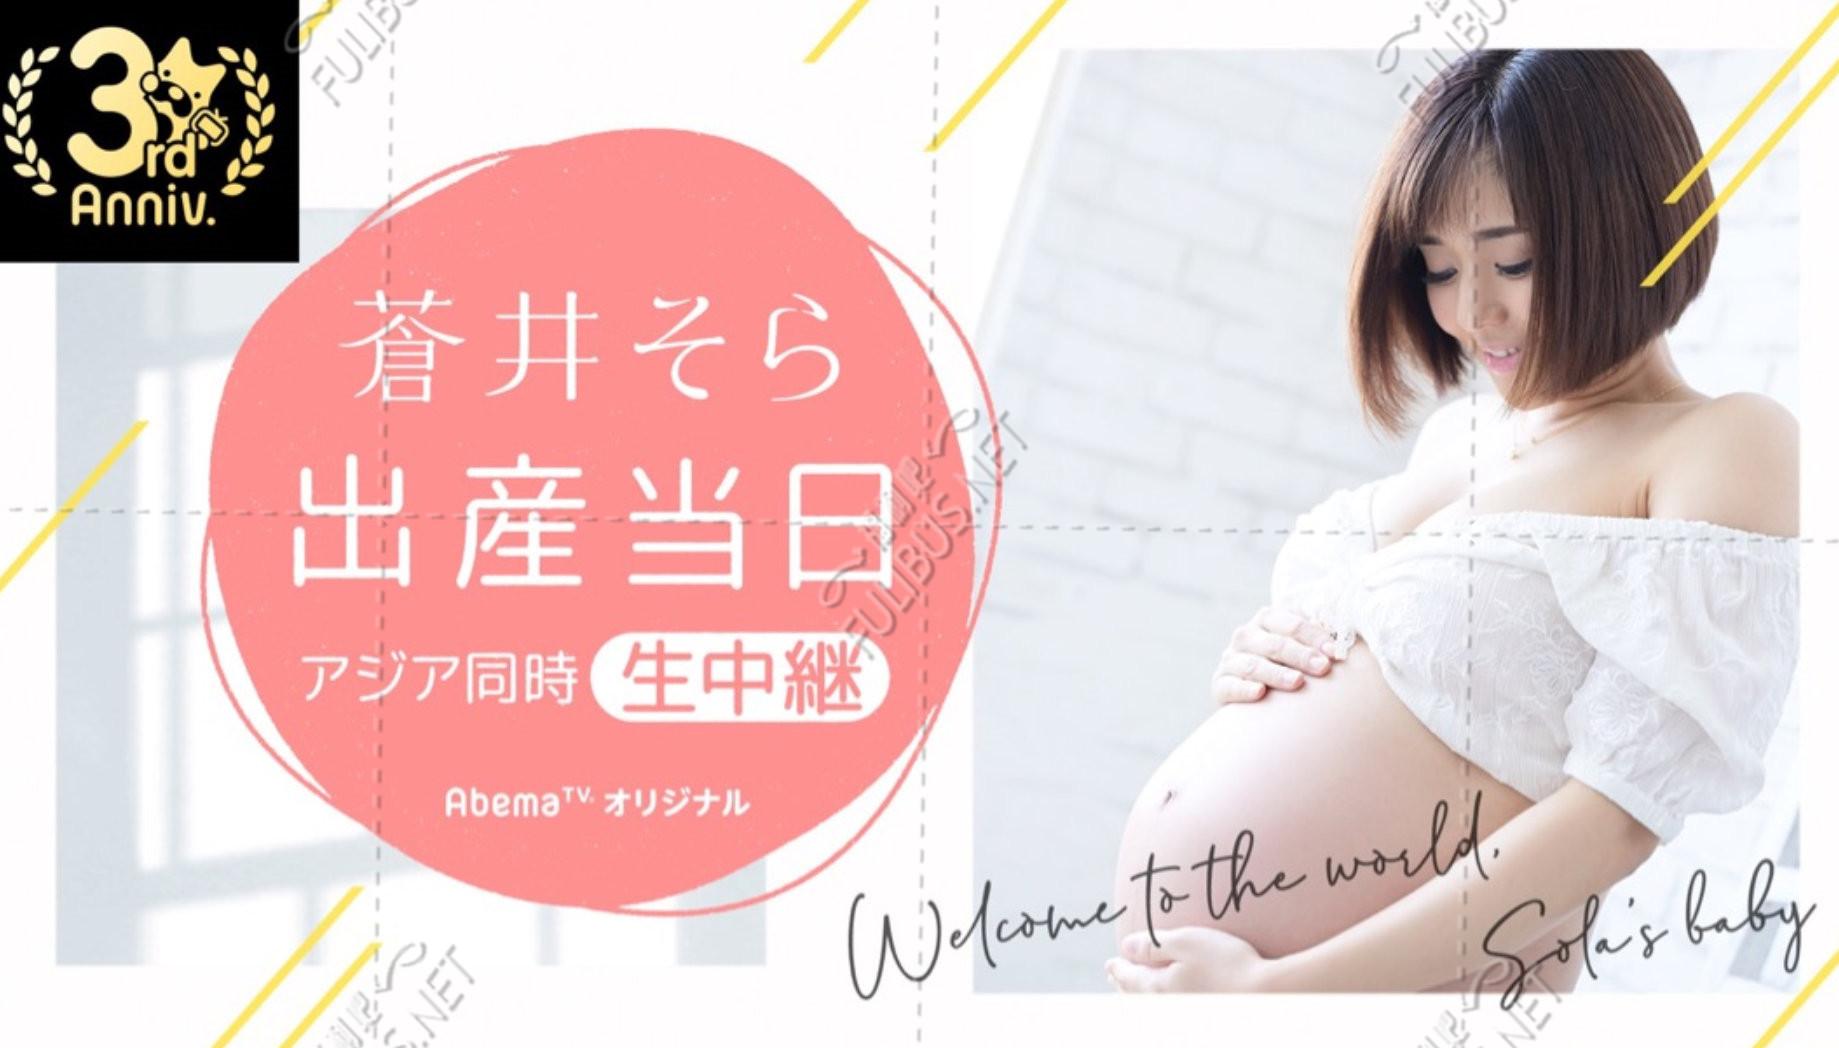 苍井空将网上直播产子:预计时间4月30日21点